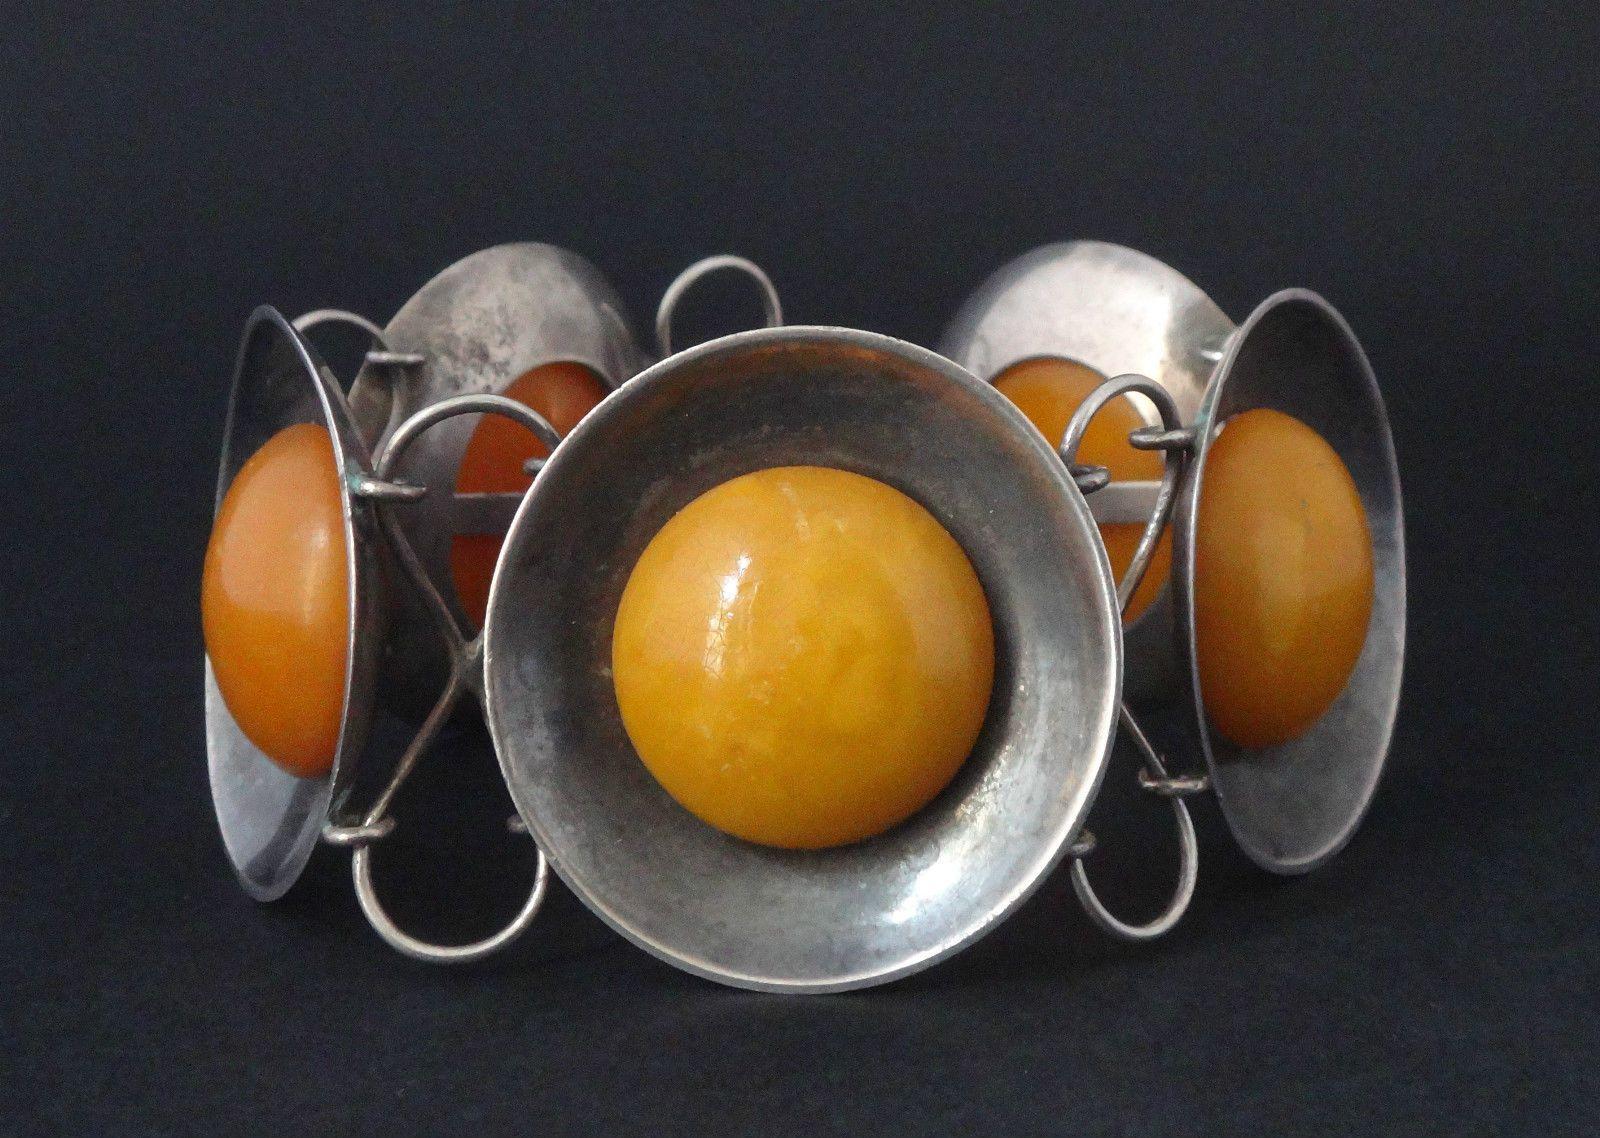 9d927d45b1b Très beau bracelet ancien vintage argent et ambre baltique style Georg  Jensen in Bijoux